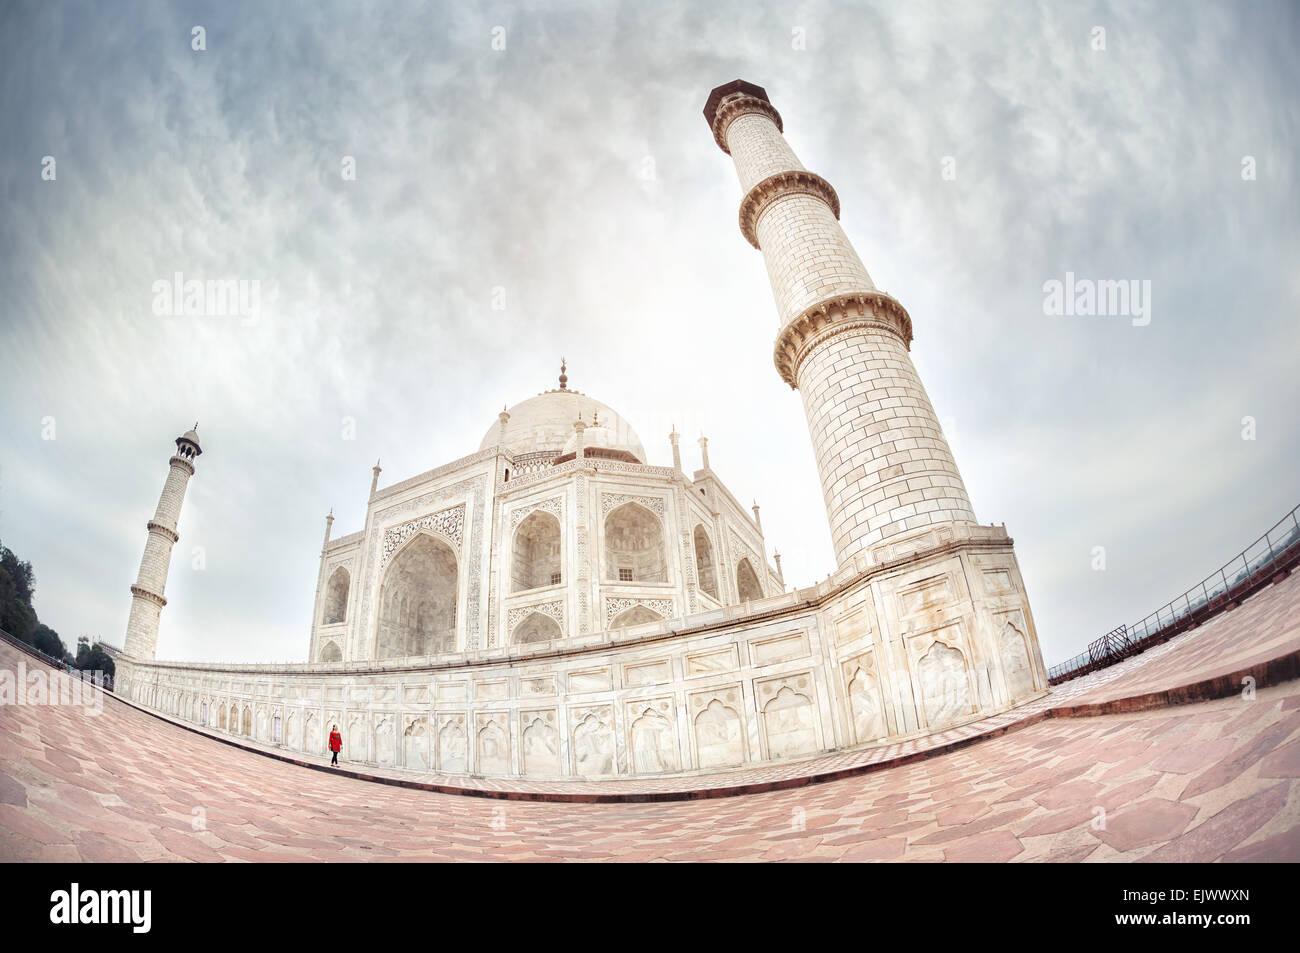 Frau in rot, die zu Fuß in der Nähe von Taj Mahal in dramatischen Himmel in Agra, Uttar Pradesh, Indien Stockbild